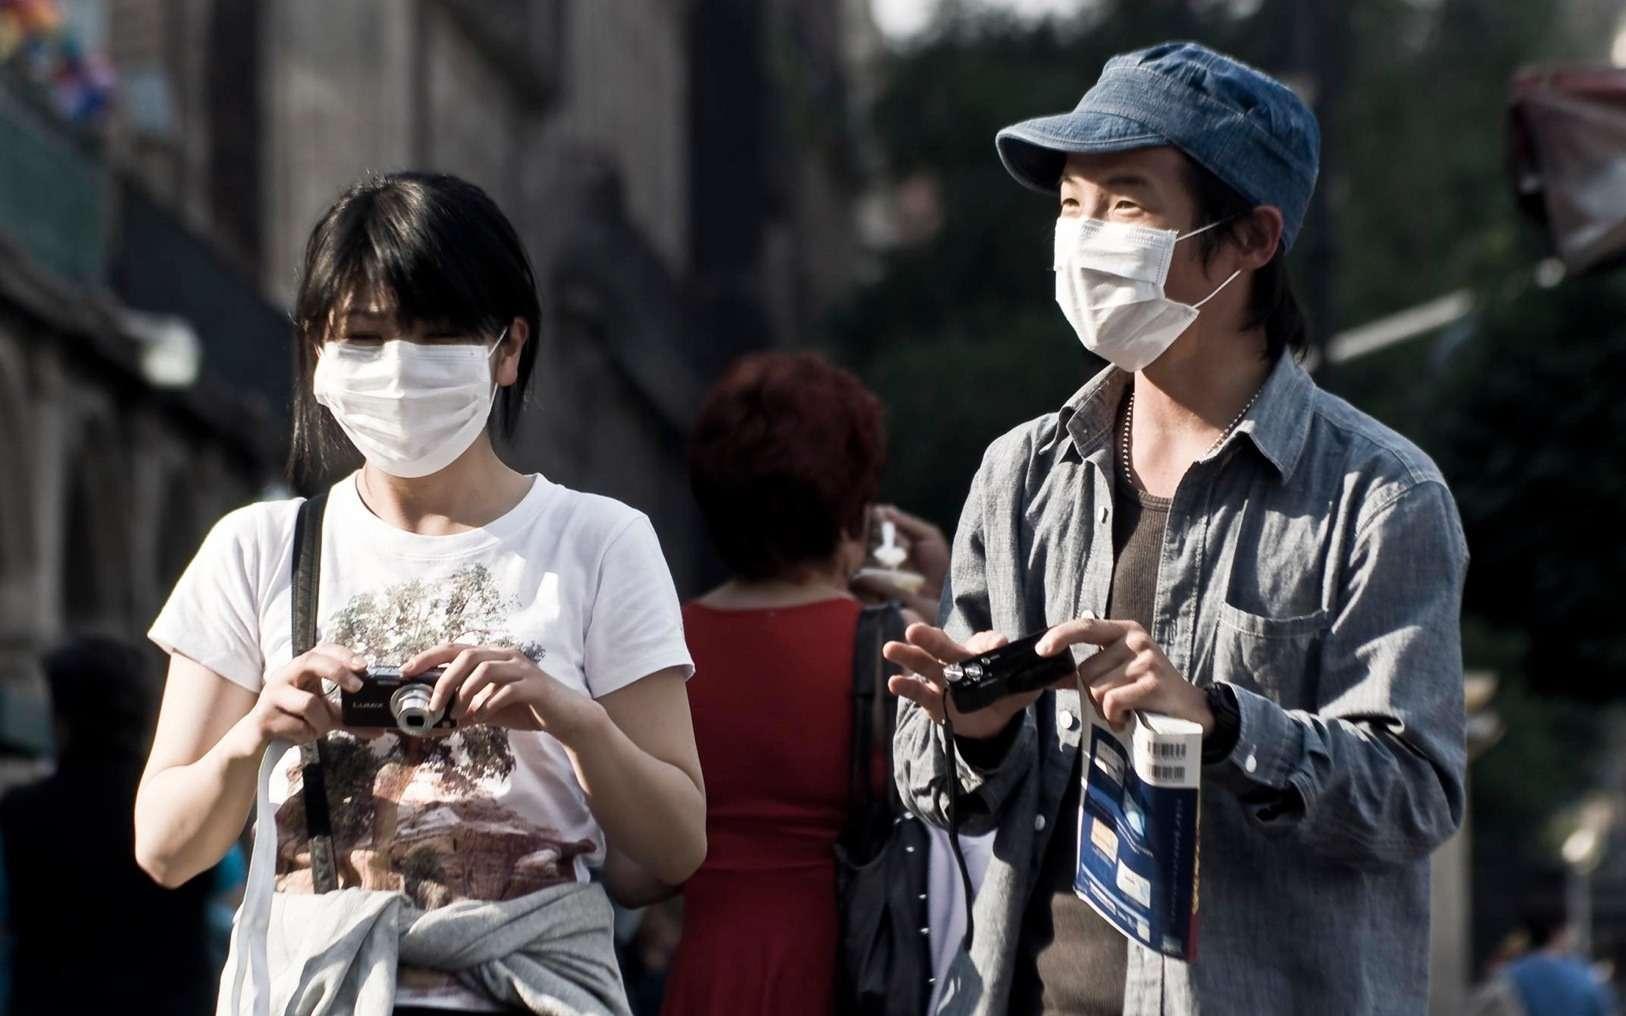 Les virus de la grippe peuvent être très dangereux. Selon les estimations, le virus infectieux fabriqué à partir des souches H1N1 et H5N1 pourrait engendrer une pandémie meurtrière, qui ferait entre 100.000 et 100 millions de victimes. © Sarihuella, Flickr, cc by 2.0